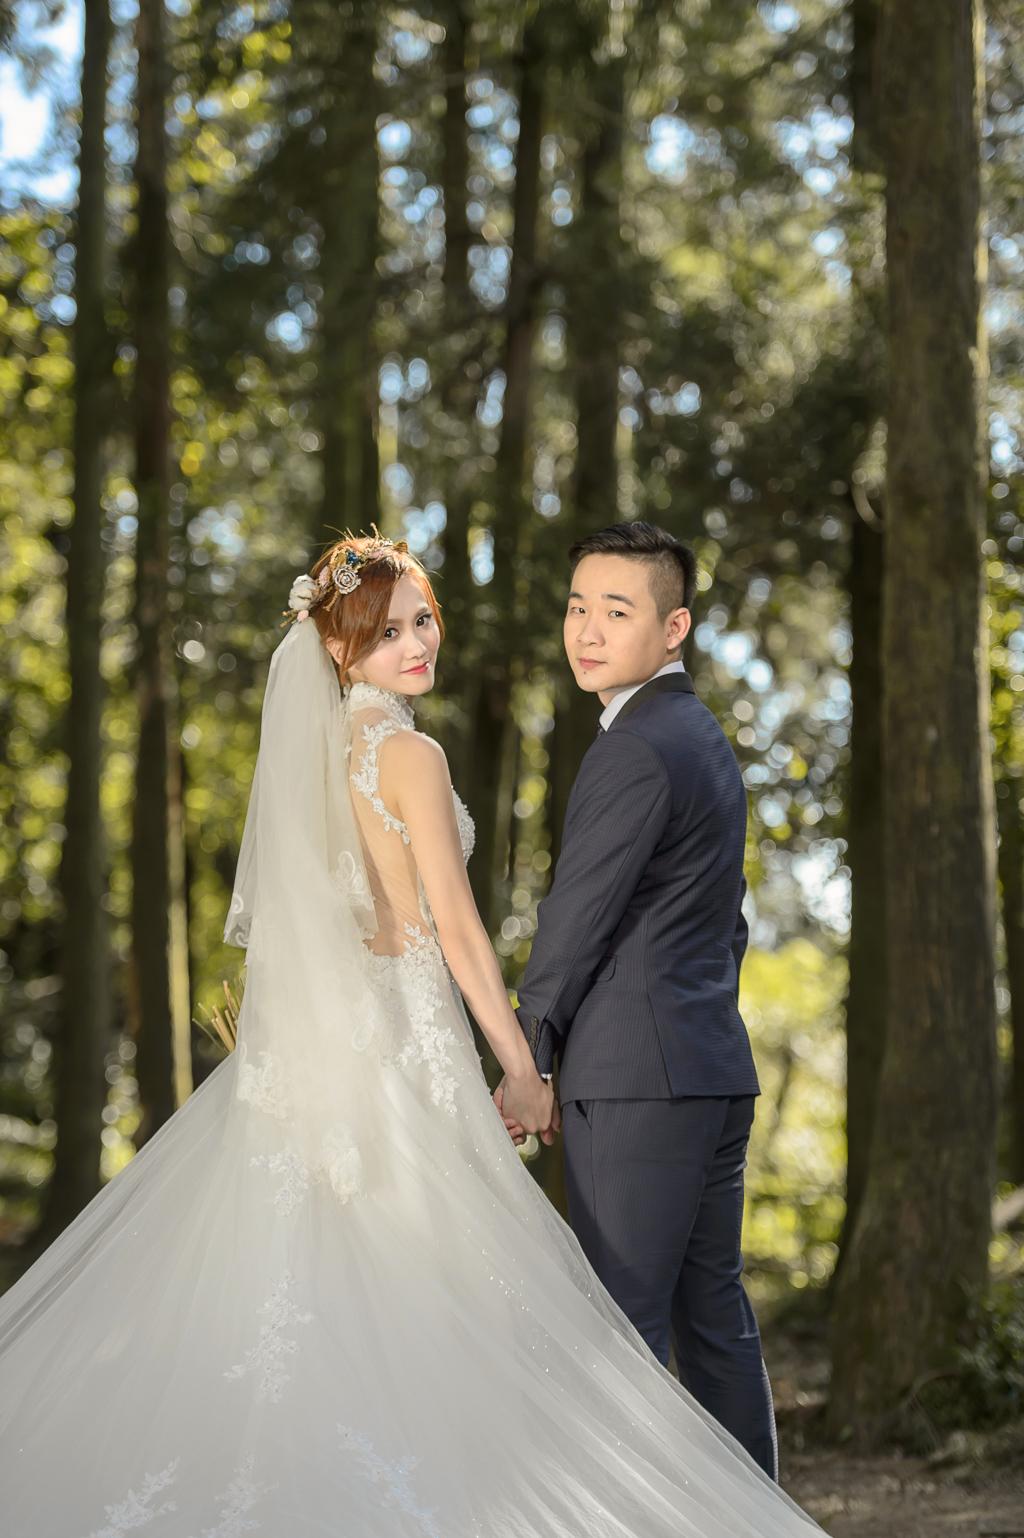 小勇, J.Studio,小寶工作室, 台北婚攝, 自助婚紗,新秘Bona,第九大道英式手工婚紗,DSC_0042